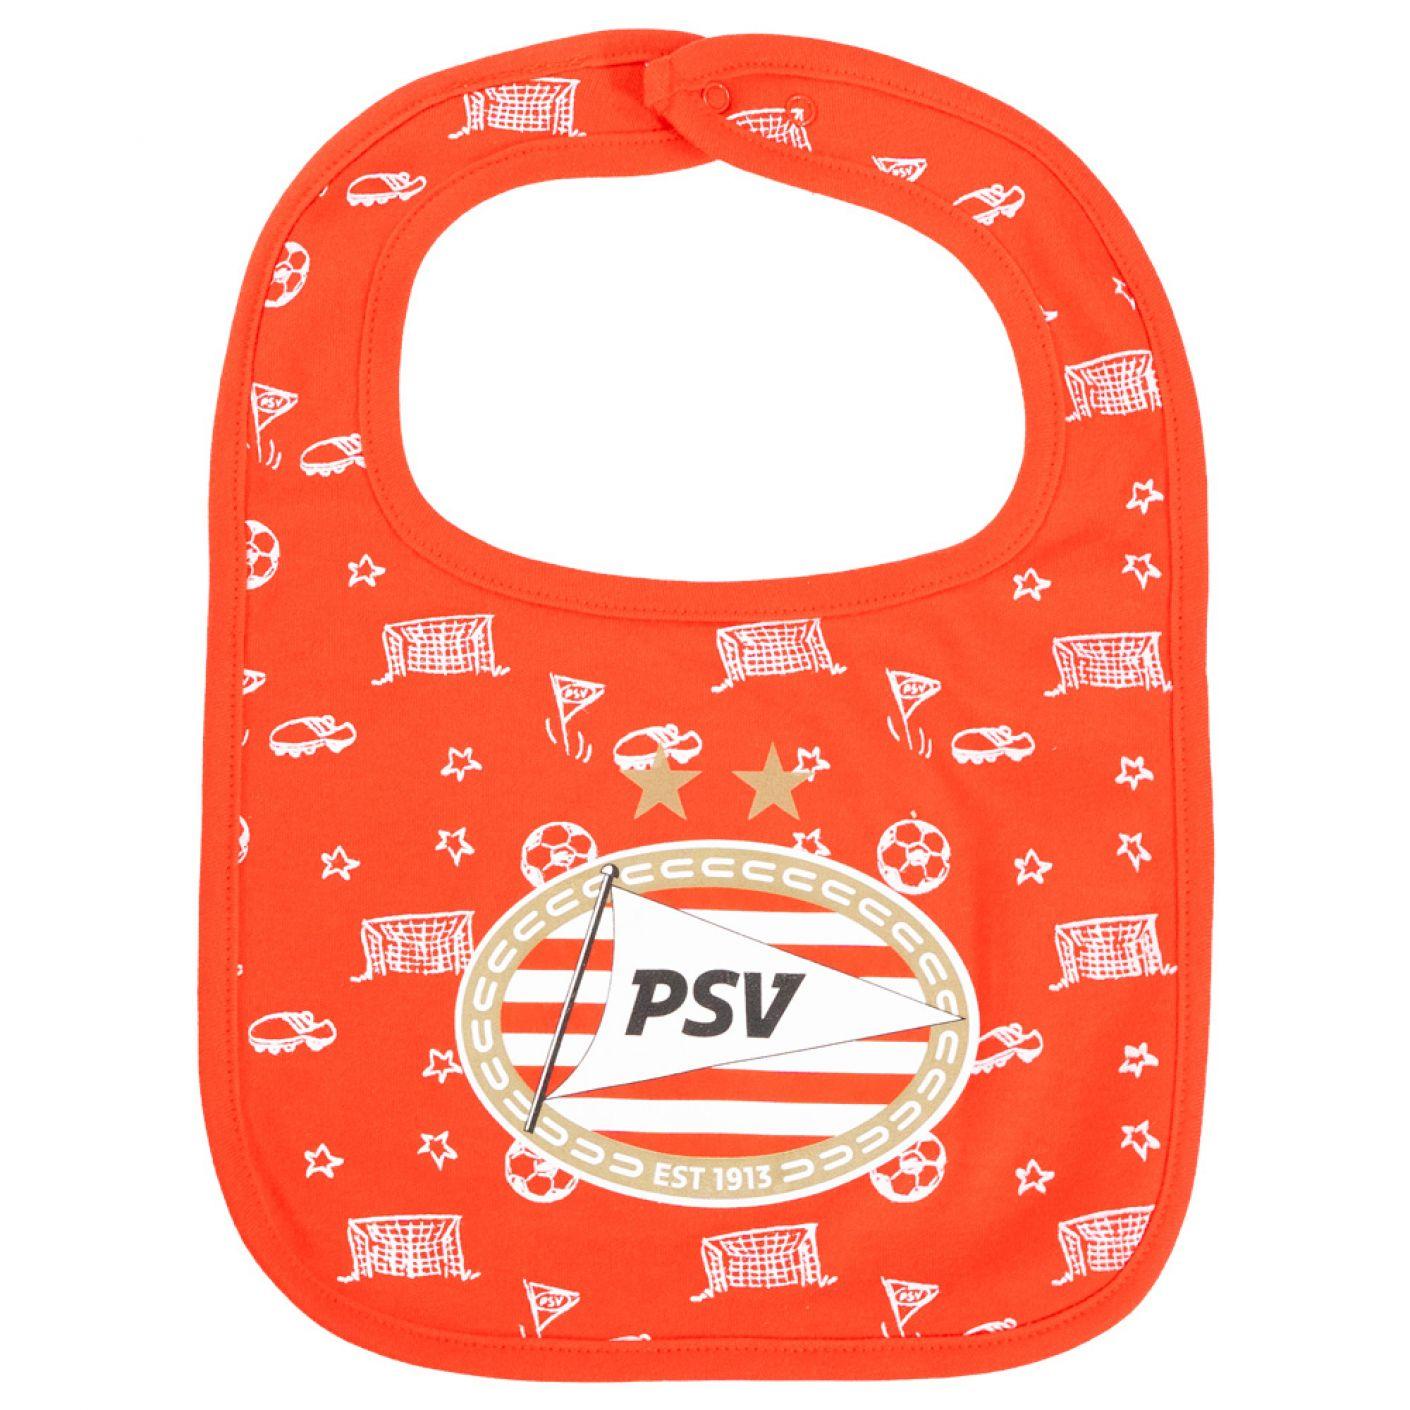 PSV Slabber All Over Print